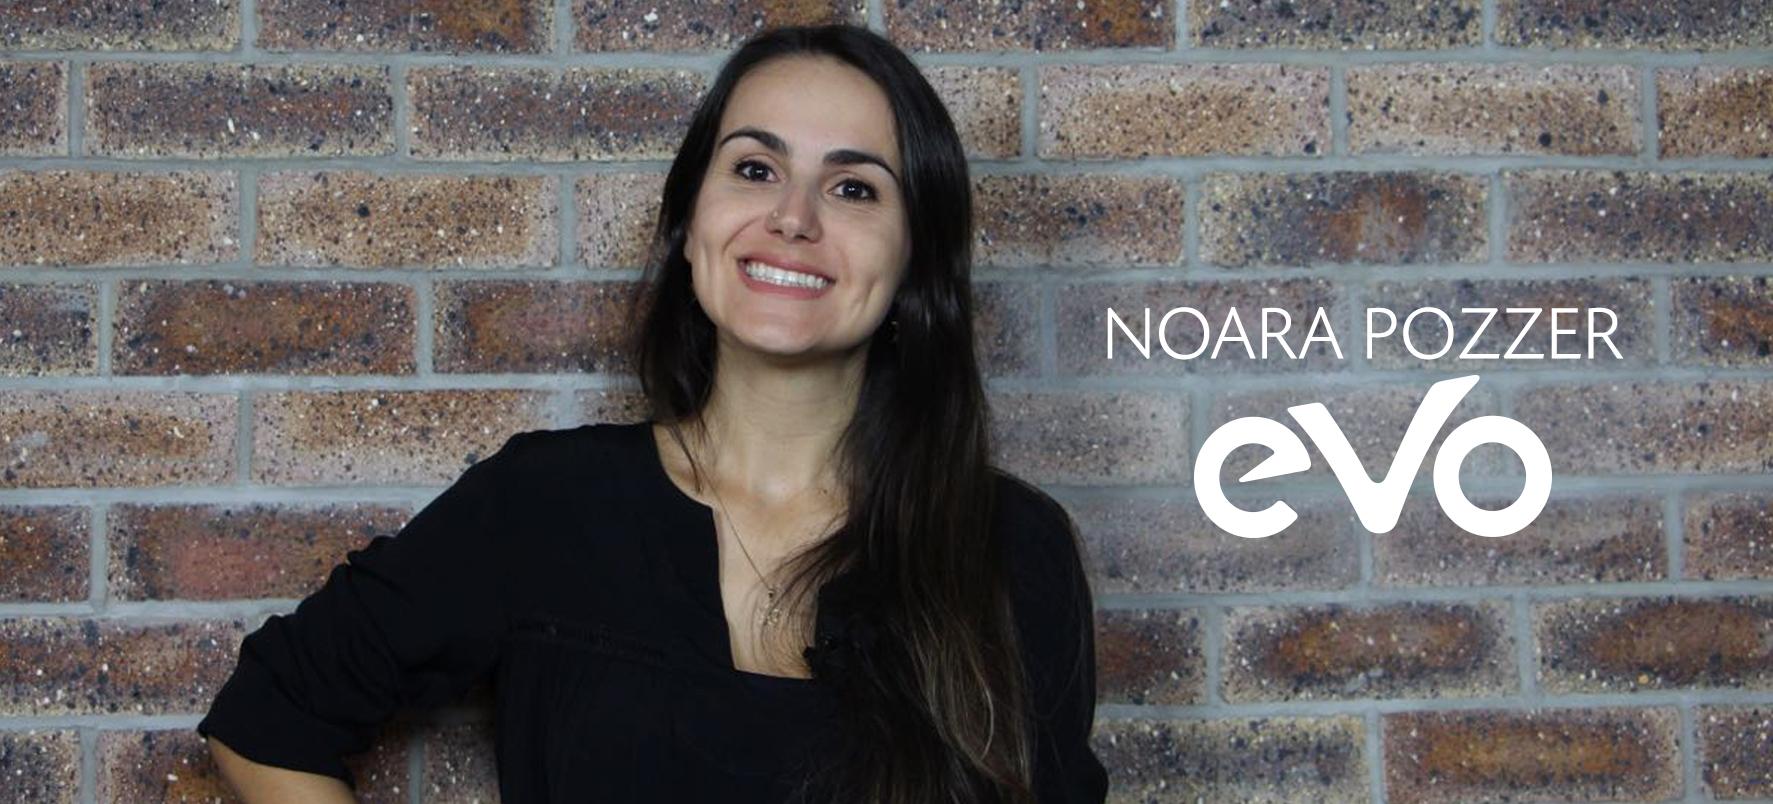 Noara é a líder de negociação EVO